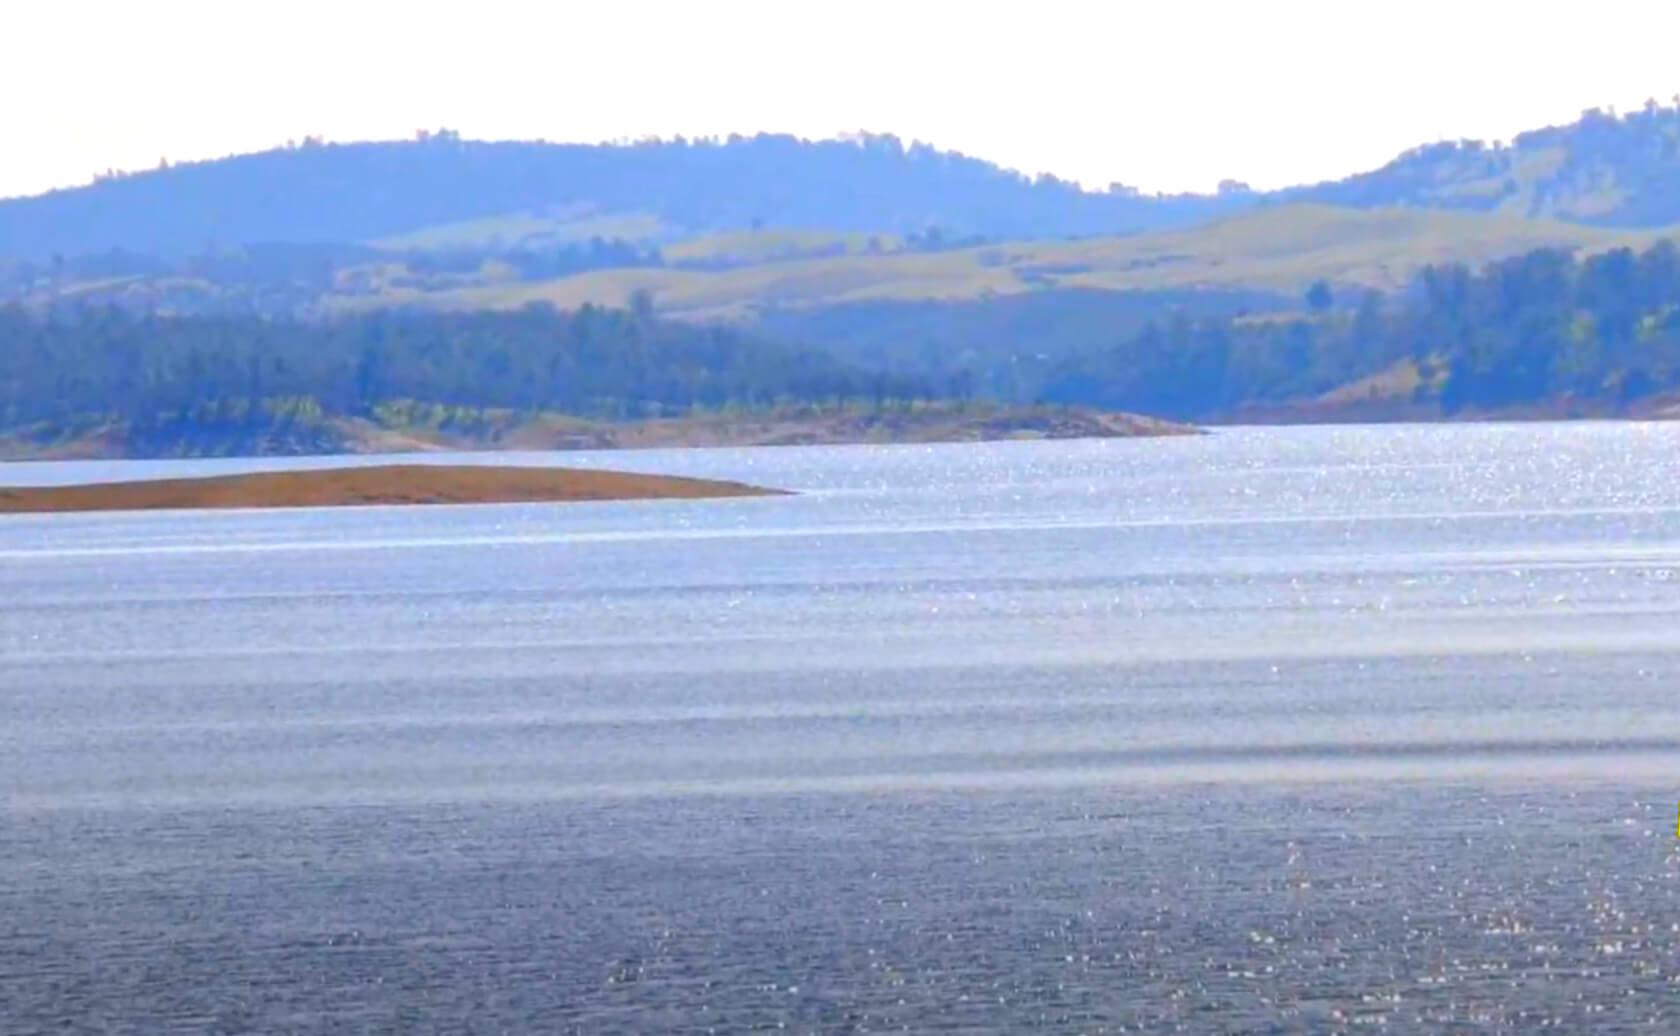 New-Hogan-Lake-Fishing-Guide-Report-California-08